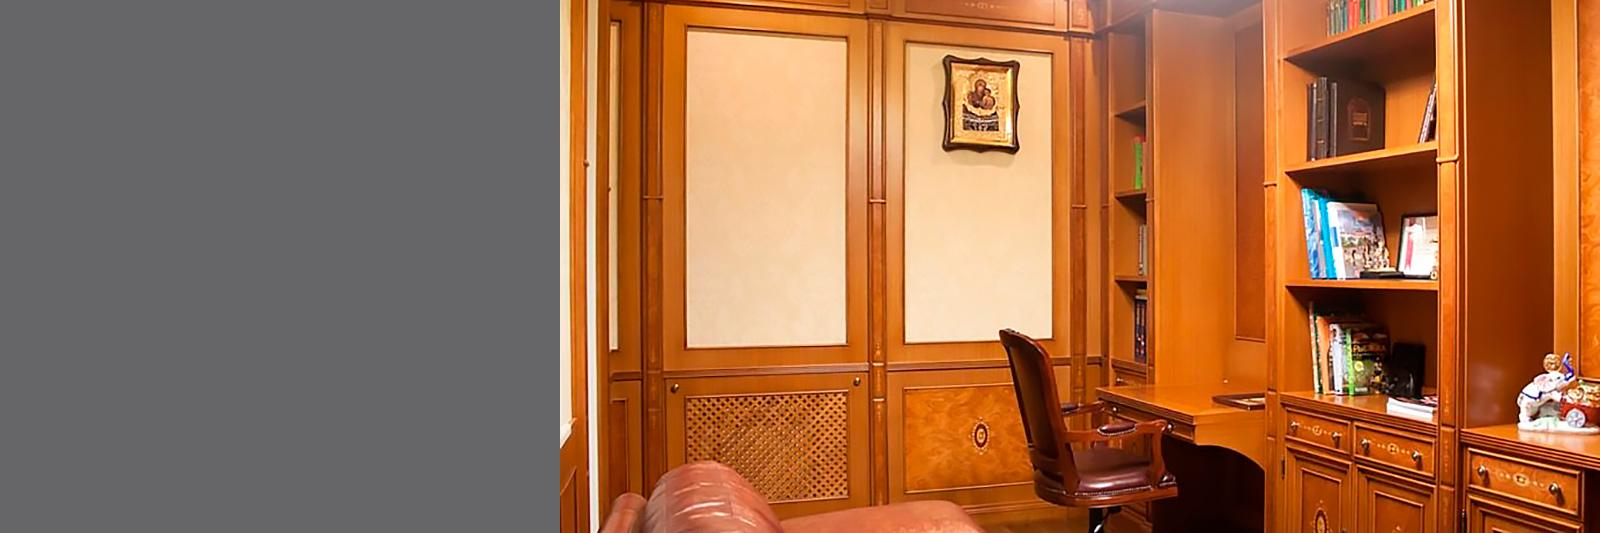 Эксклюзивная мебель в домашние кабинеты из массива